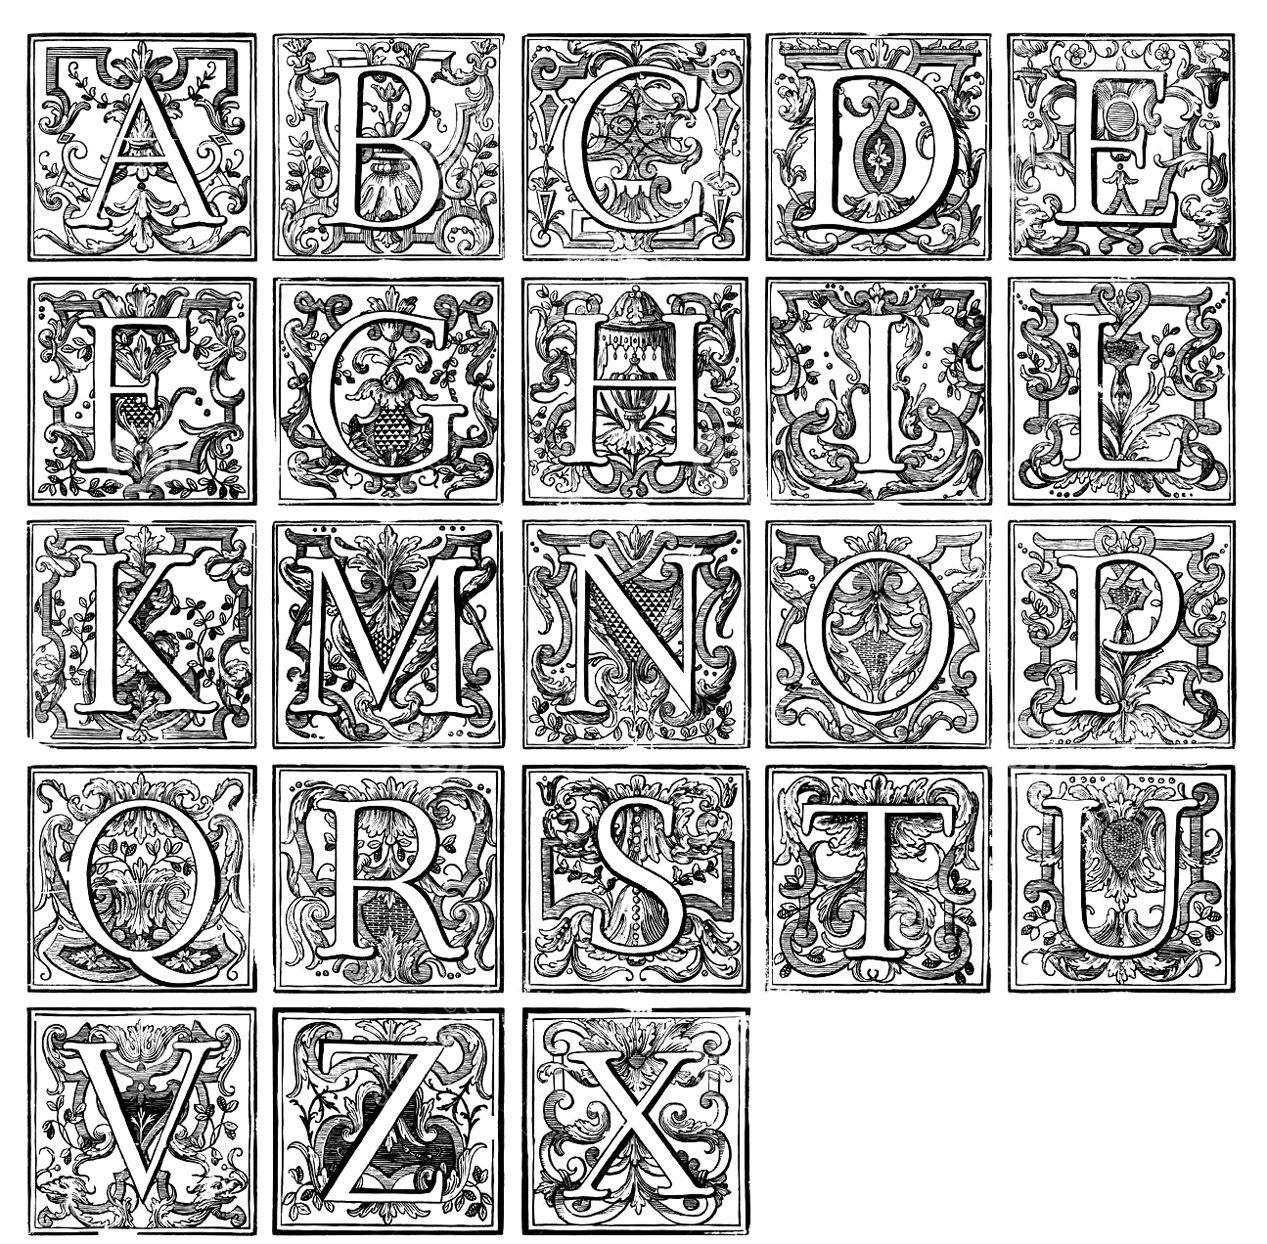 Galerie De Coloriages Gratuits Coloriage-Alphabet-Vintage dedans Coloriage Alphabet Complet A Imprimer